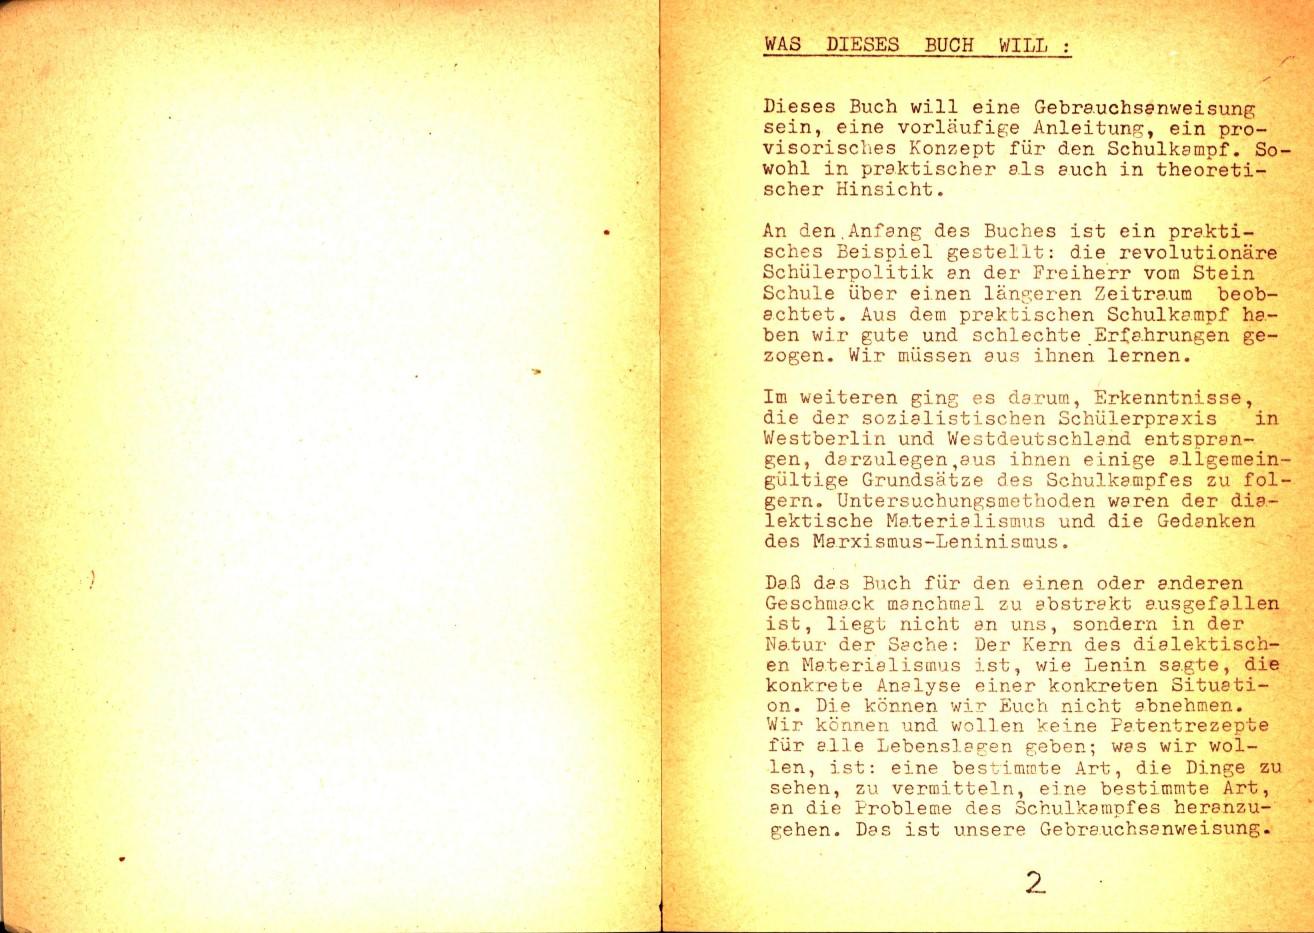 Berlin_SMV_Broschuere_Schulkampf_1969_03